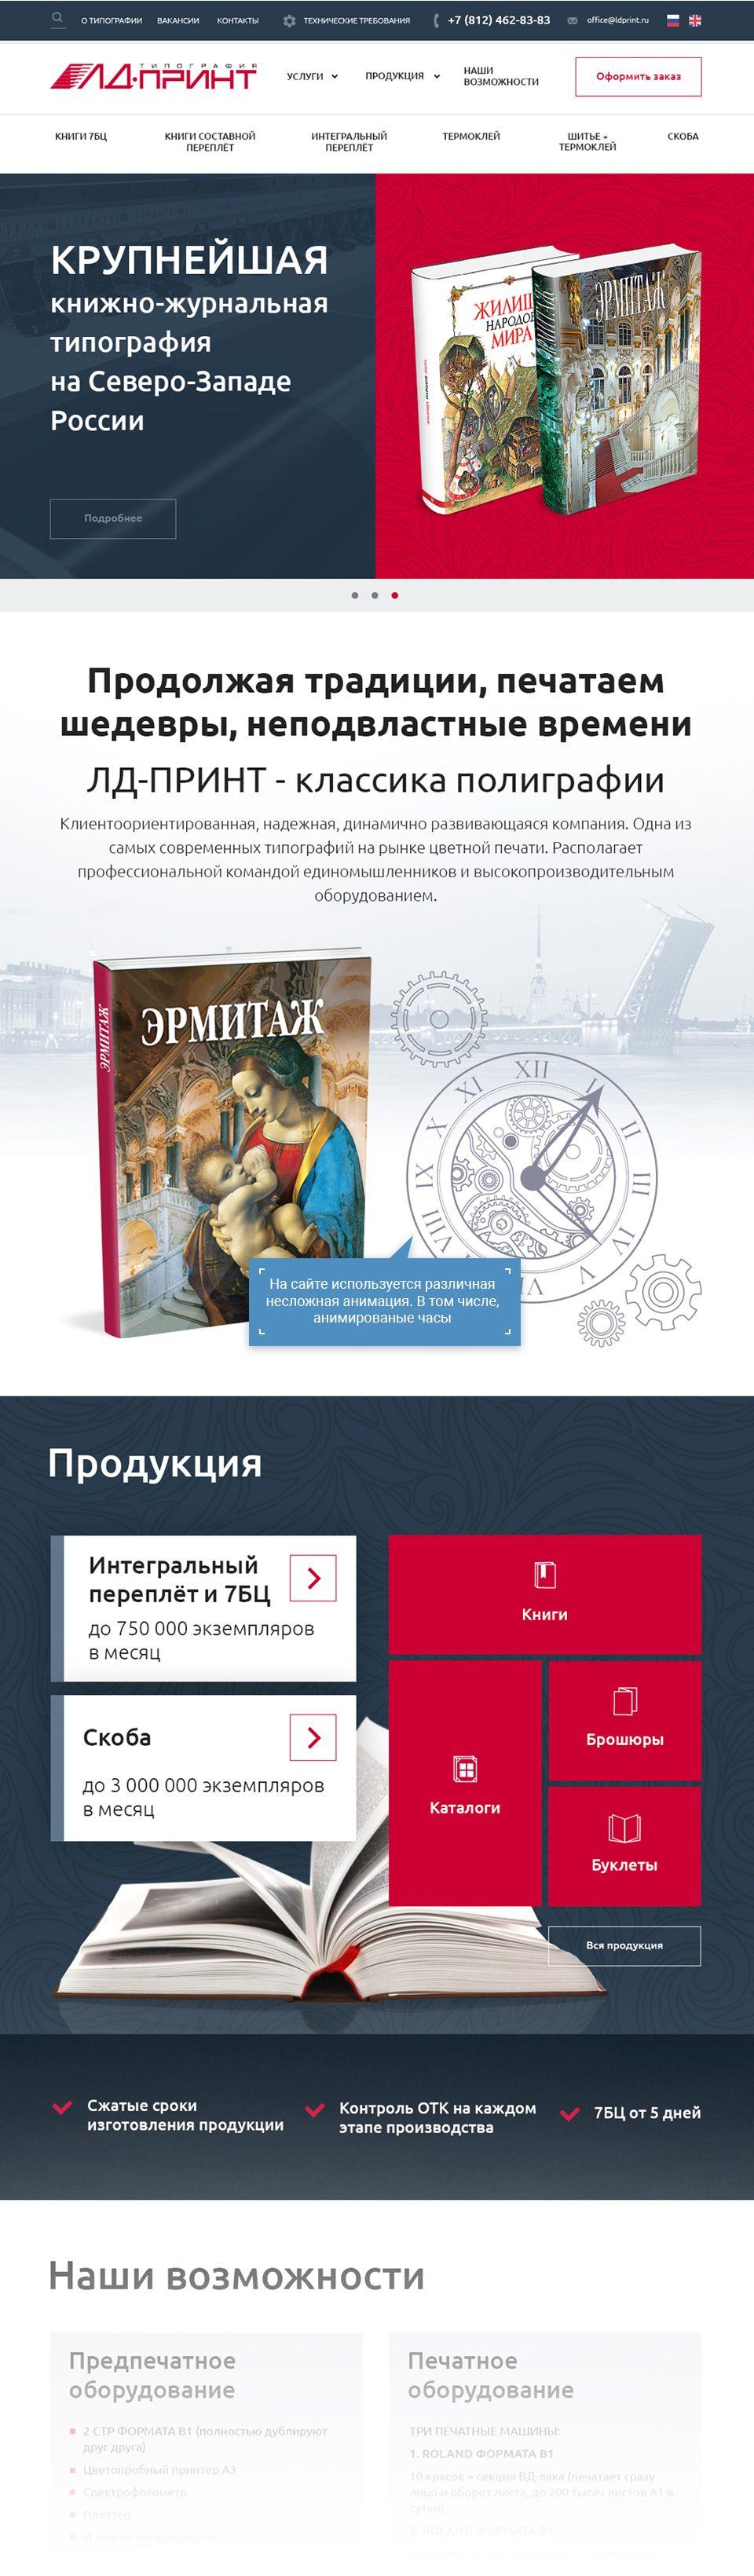 Дизайн главной страницы сайта типографии